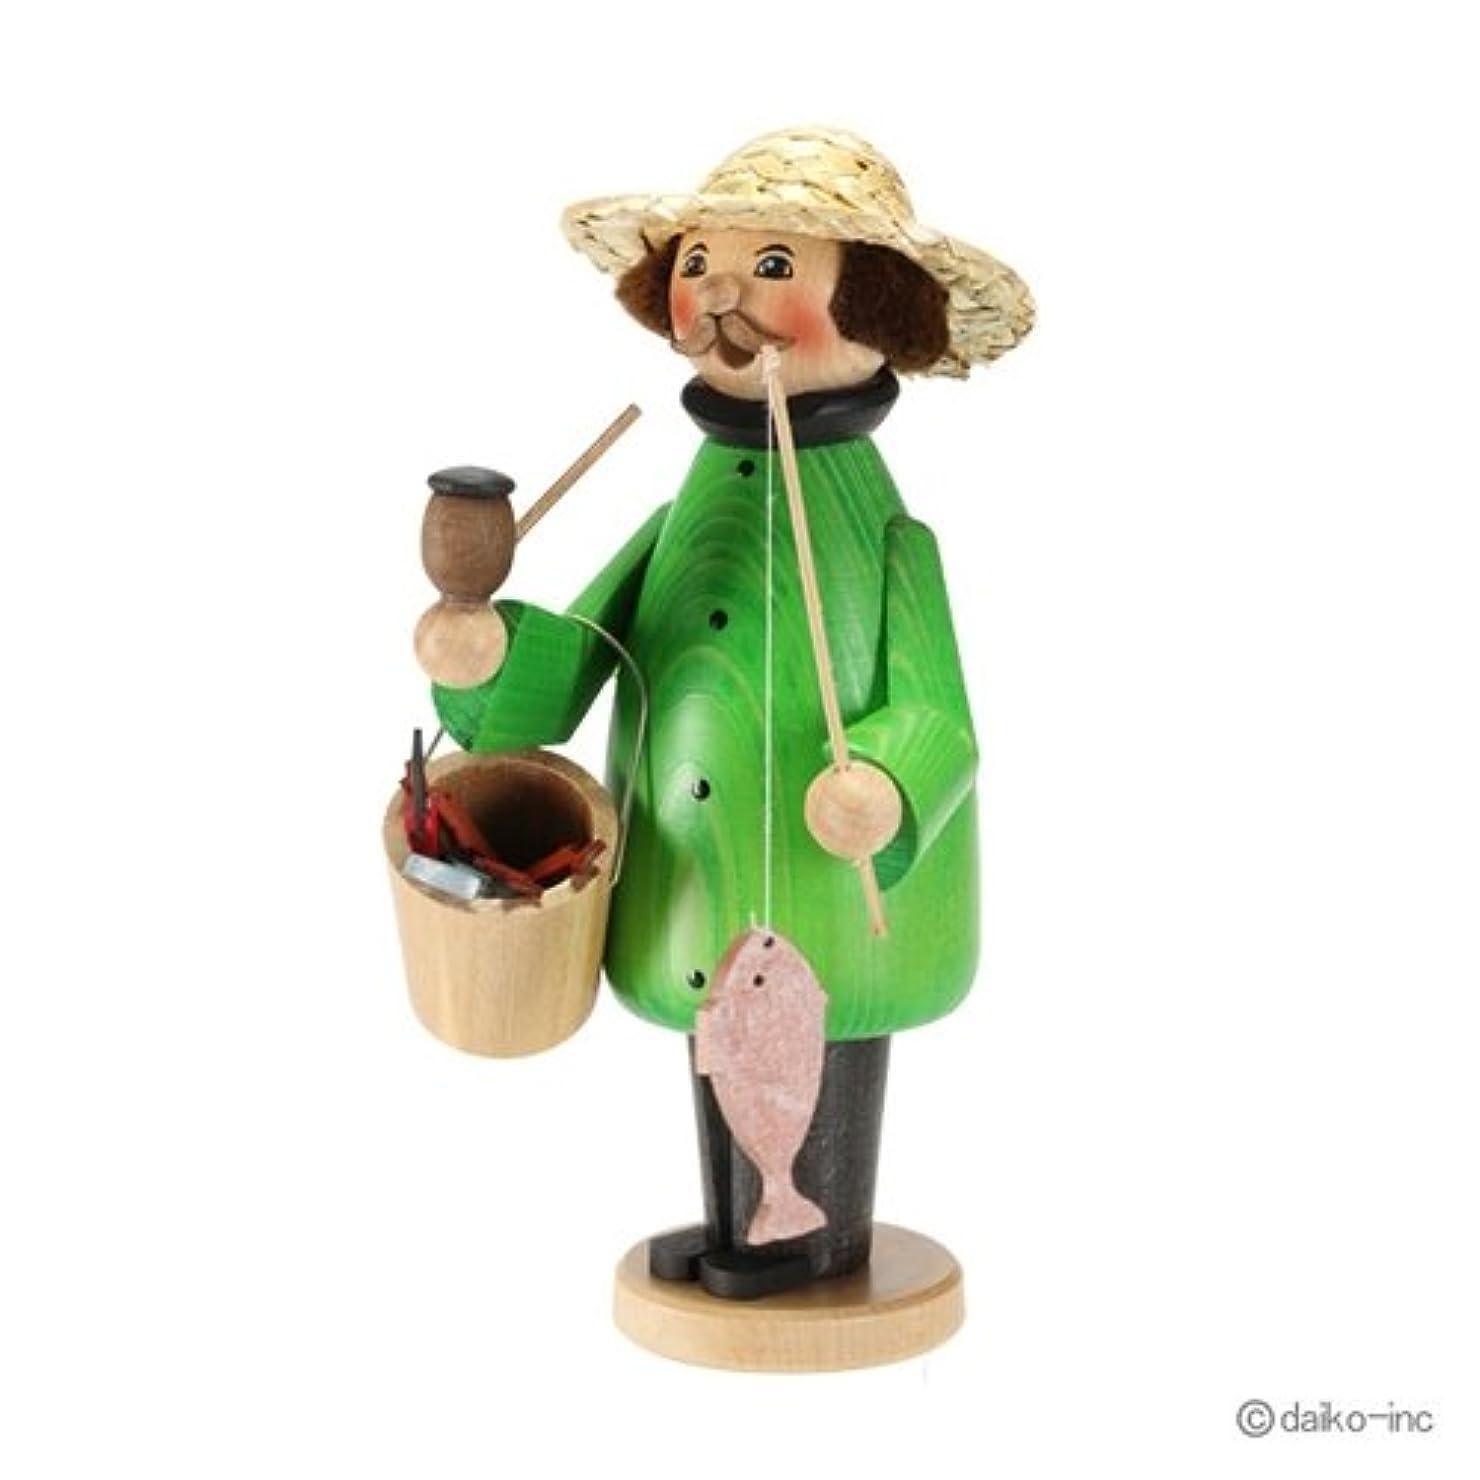 デマンド付録オフクーネルト kuhnert ミニパイプ人形香炉 釣り人